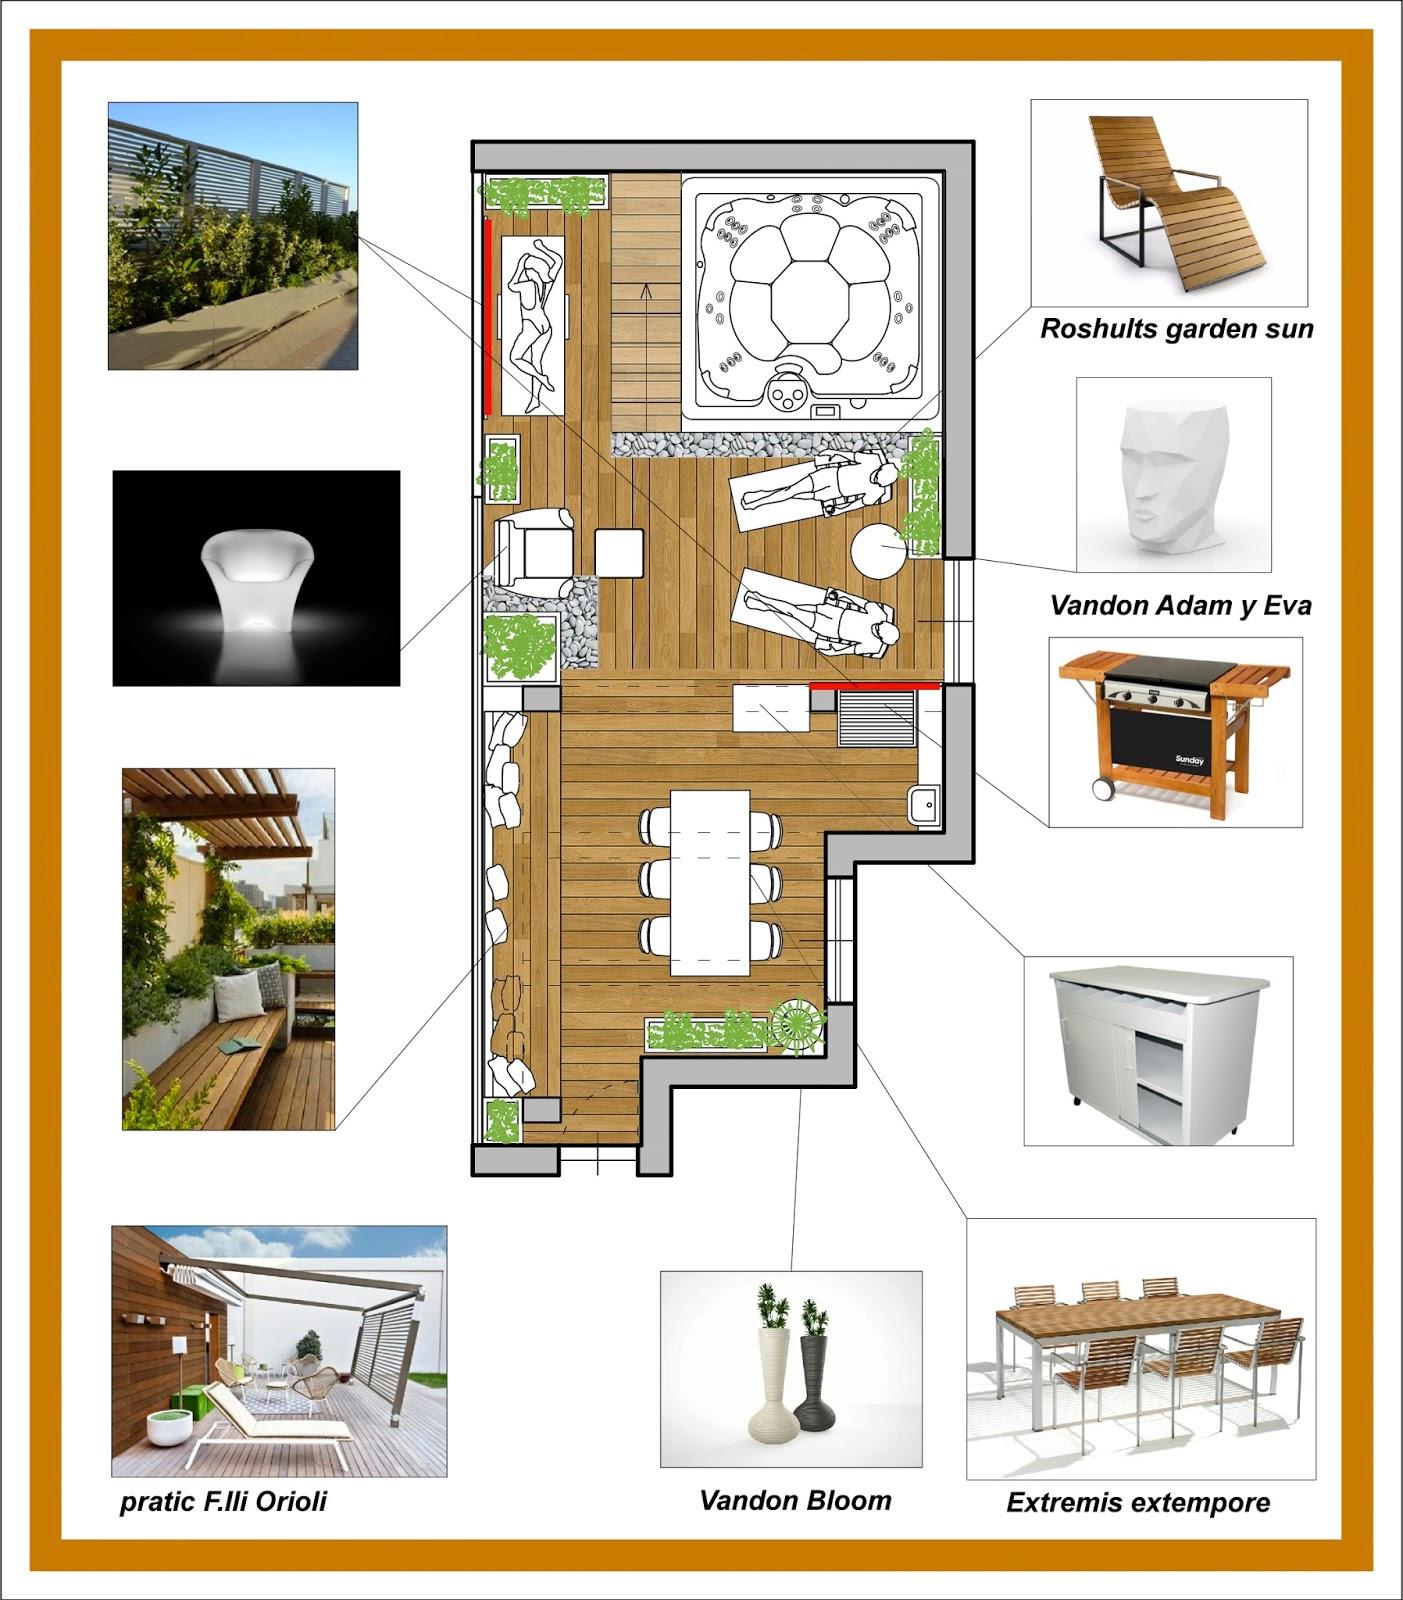 Arredamento e dintorni progetto arredo terrazzo for Progetto arredo